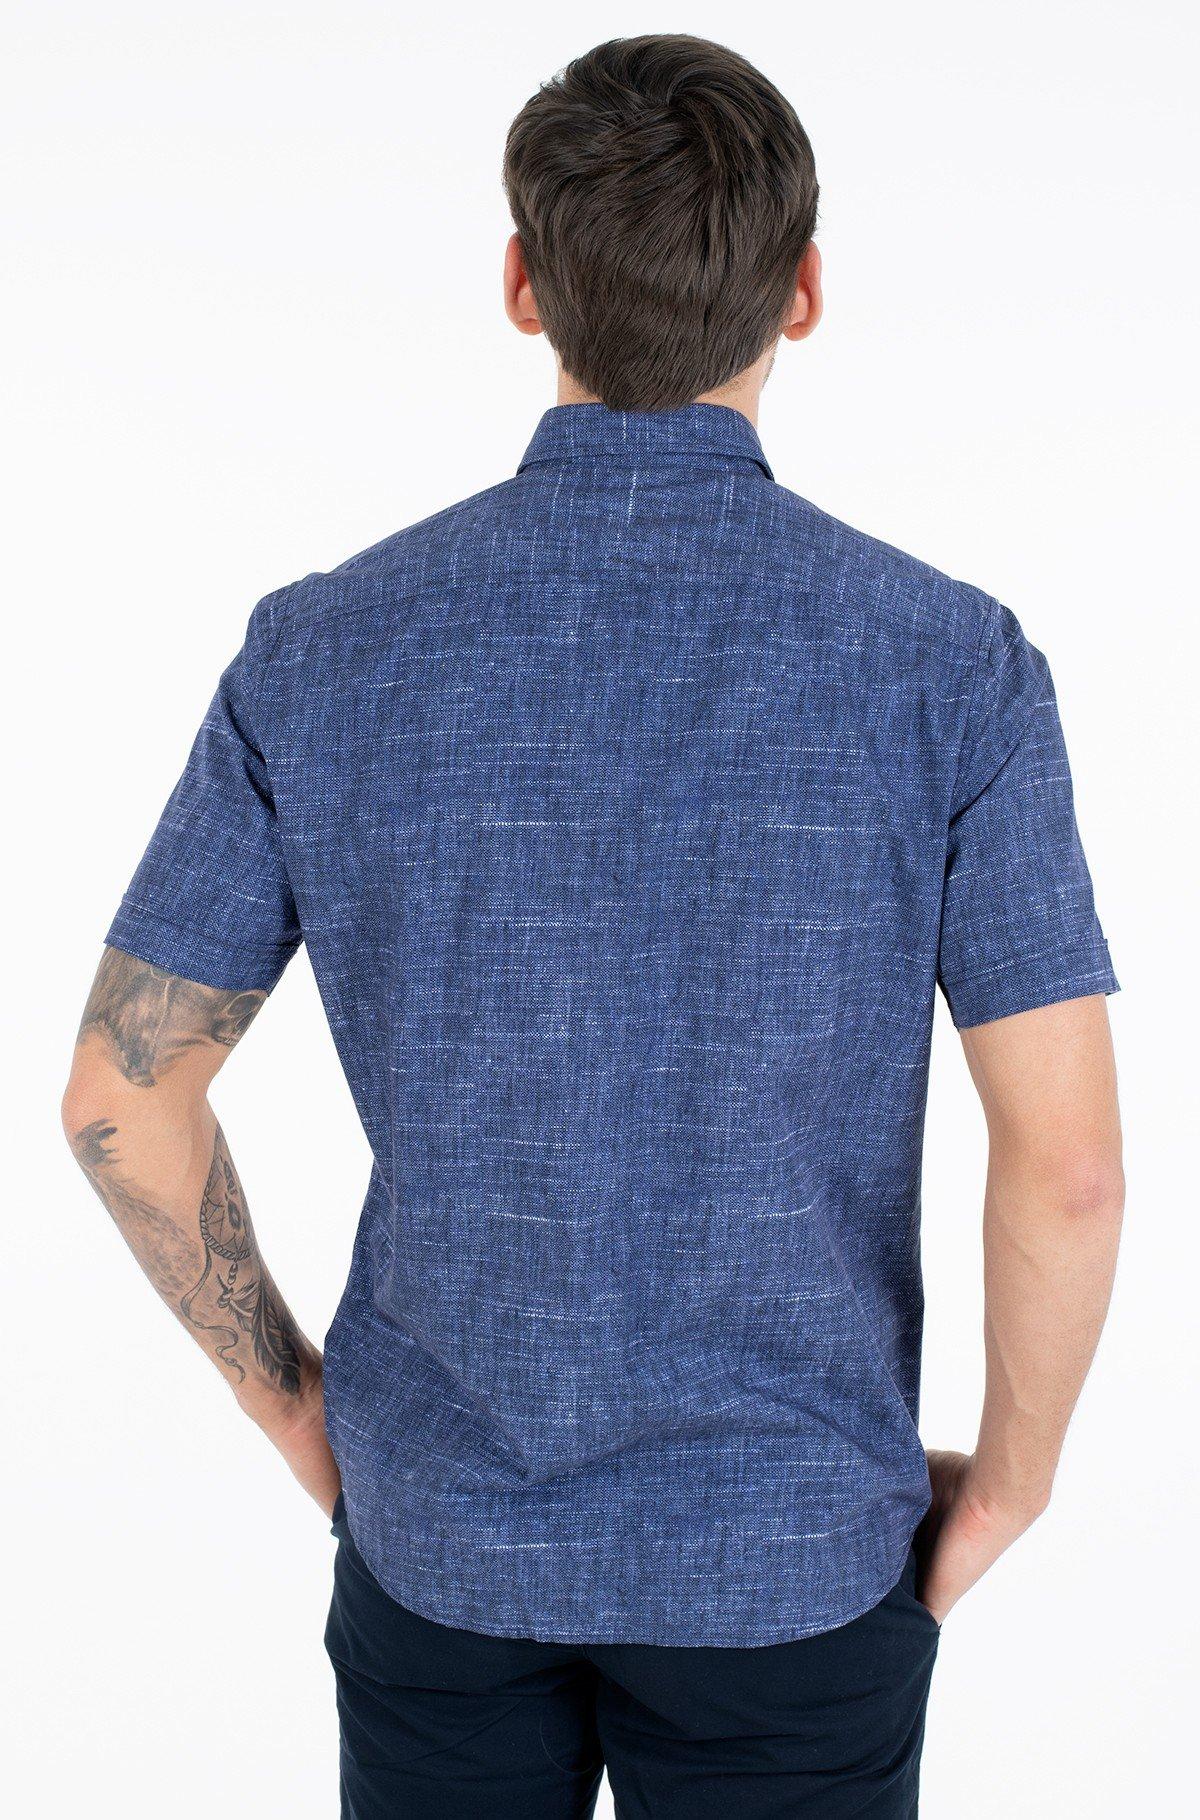 Marškiniai su trumpomis rankovėmis 53889-27159-full-2